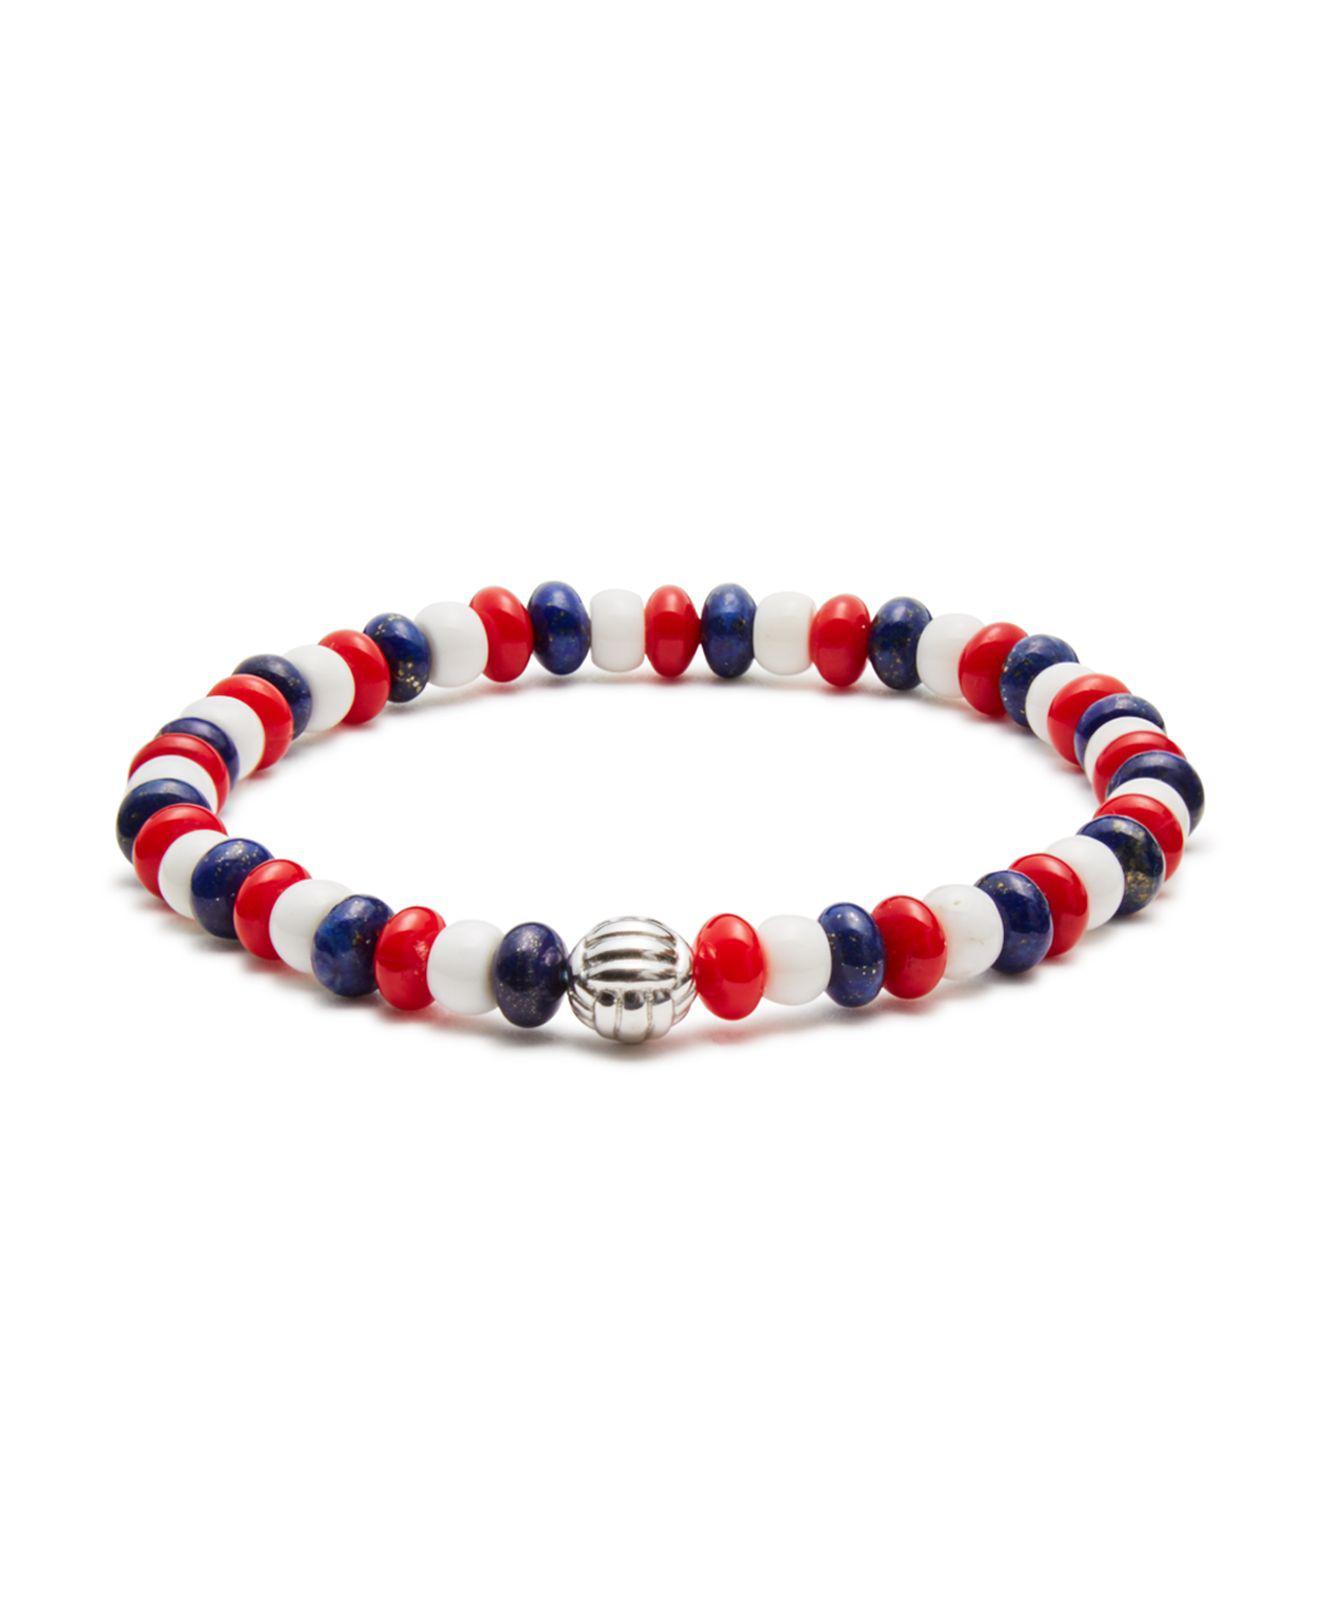 Bead and turquoise-embellished bracelet Toga Archives 0lDeyi